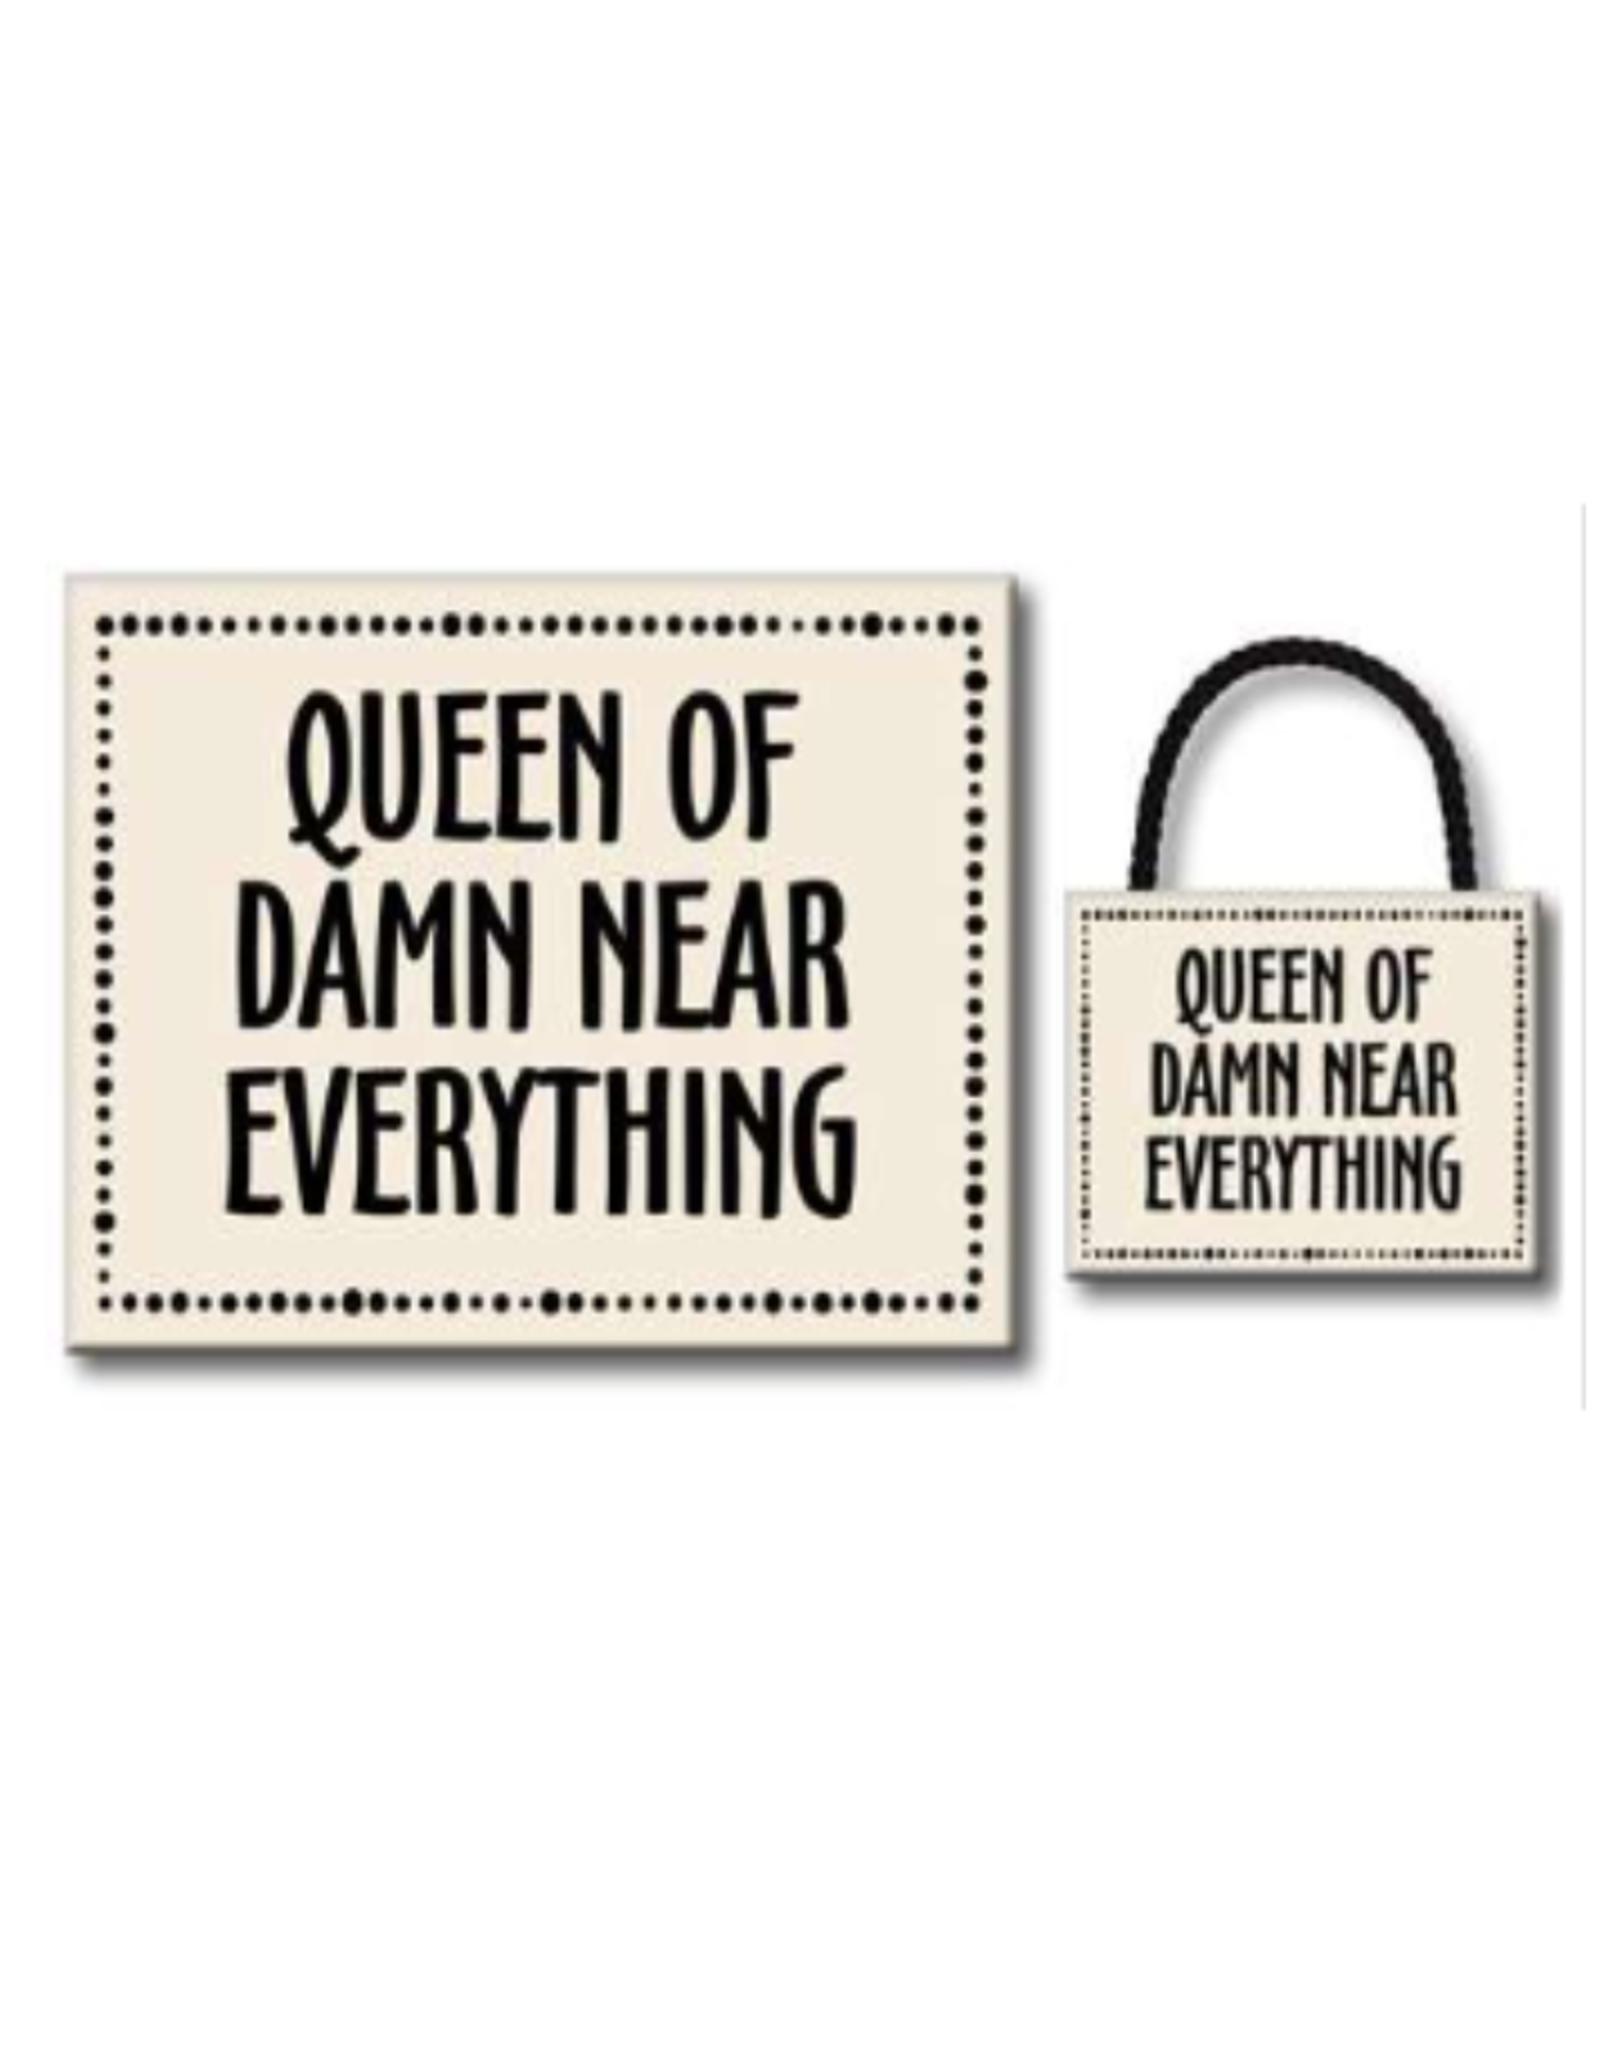 Queen of Damn Near Everything 4.5x6